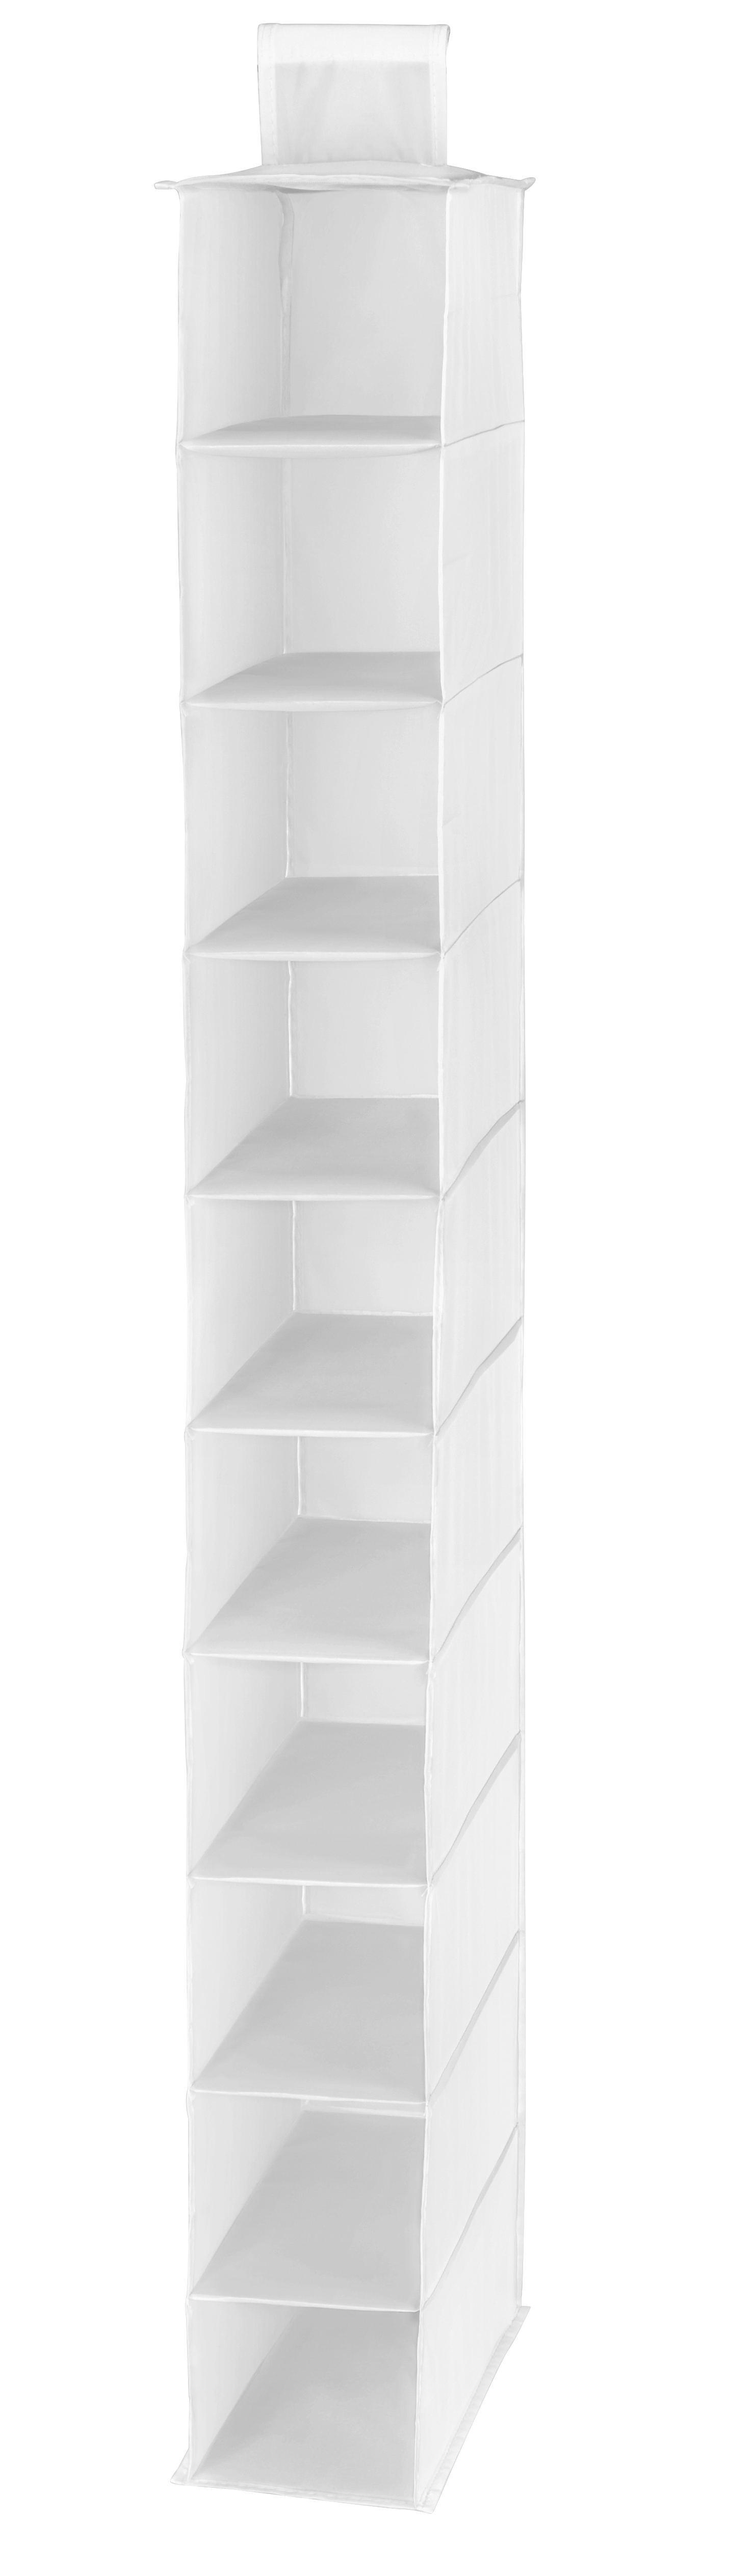 Hängeorganizer in Weiß mit 10 Fächern - Weiß, Textil (15/125/33cm) - MÖMAX modern living